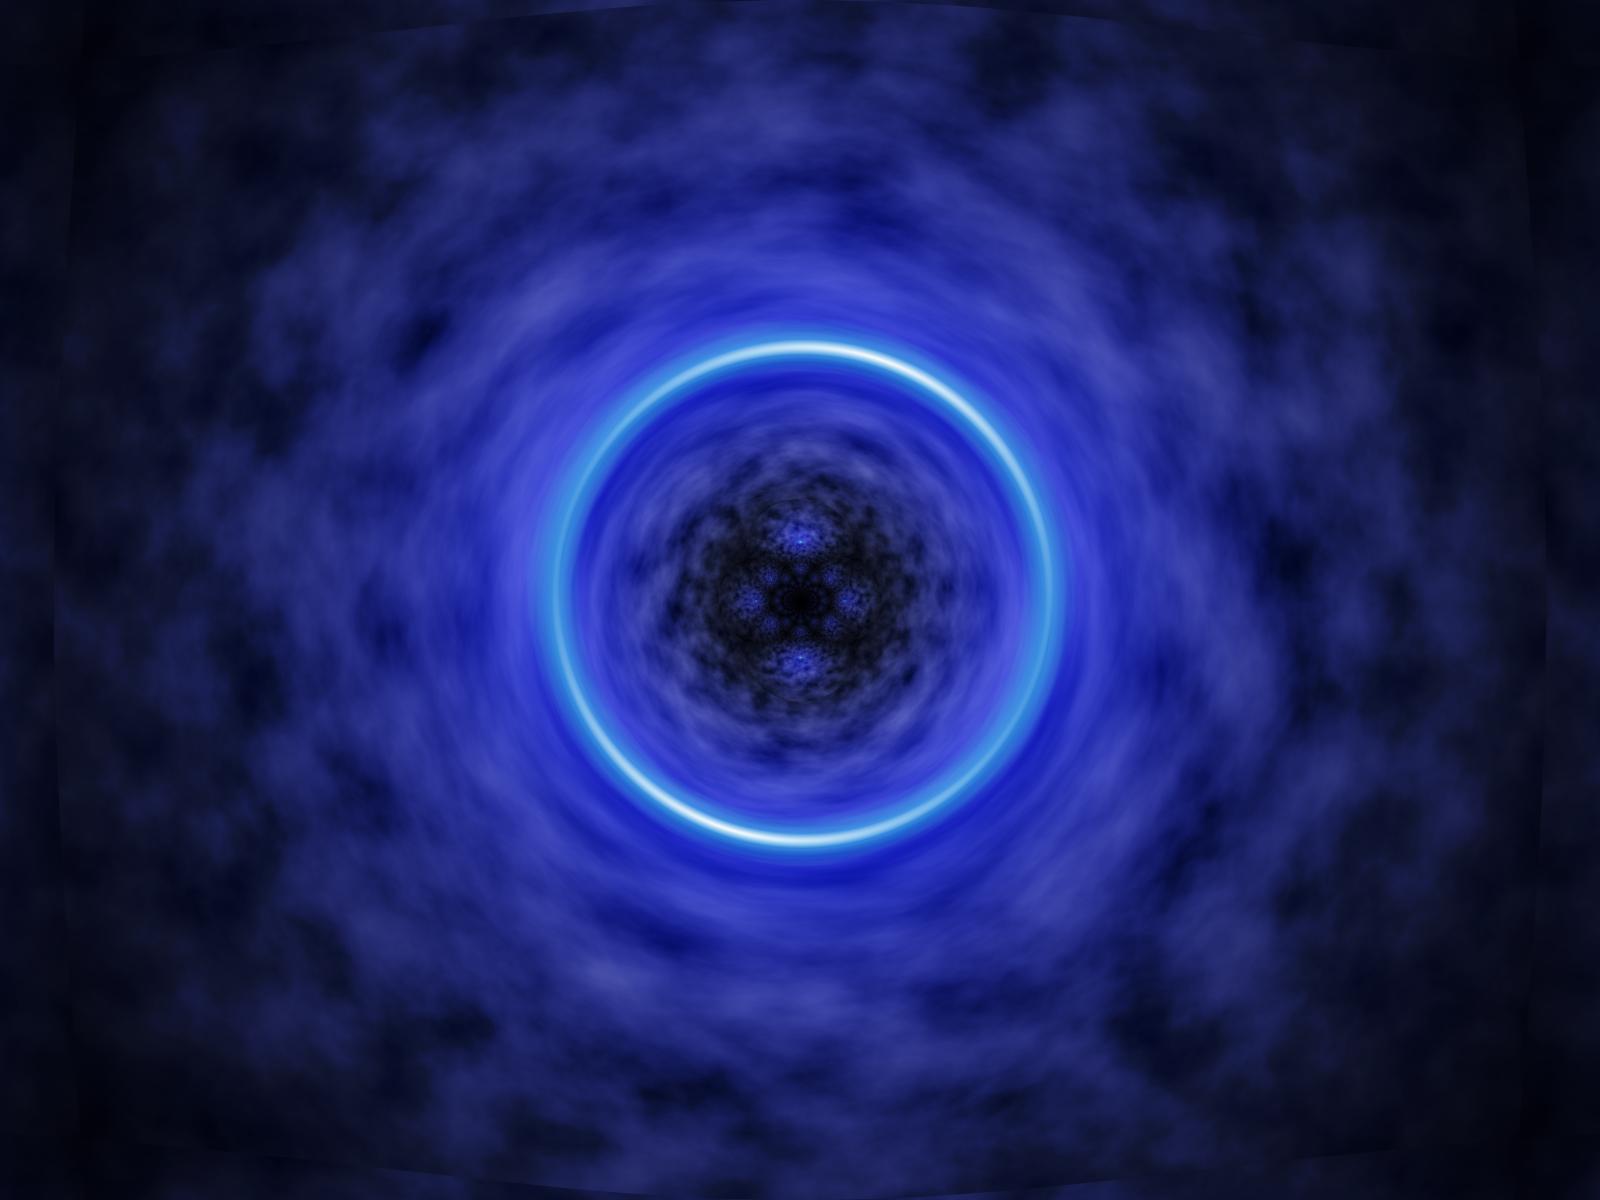 CGI - Abstract  CGI Wormhole Sci Fi Wallpaper